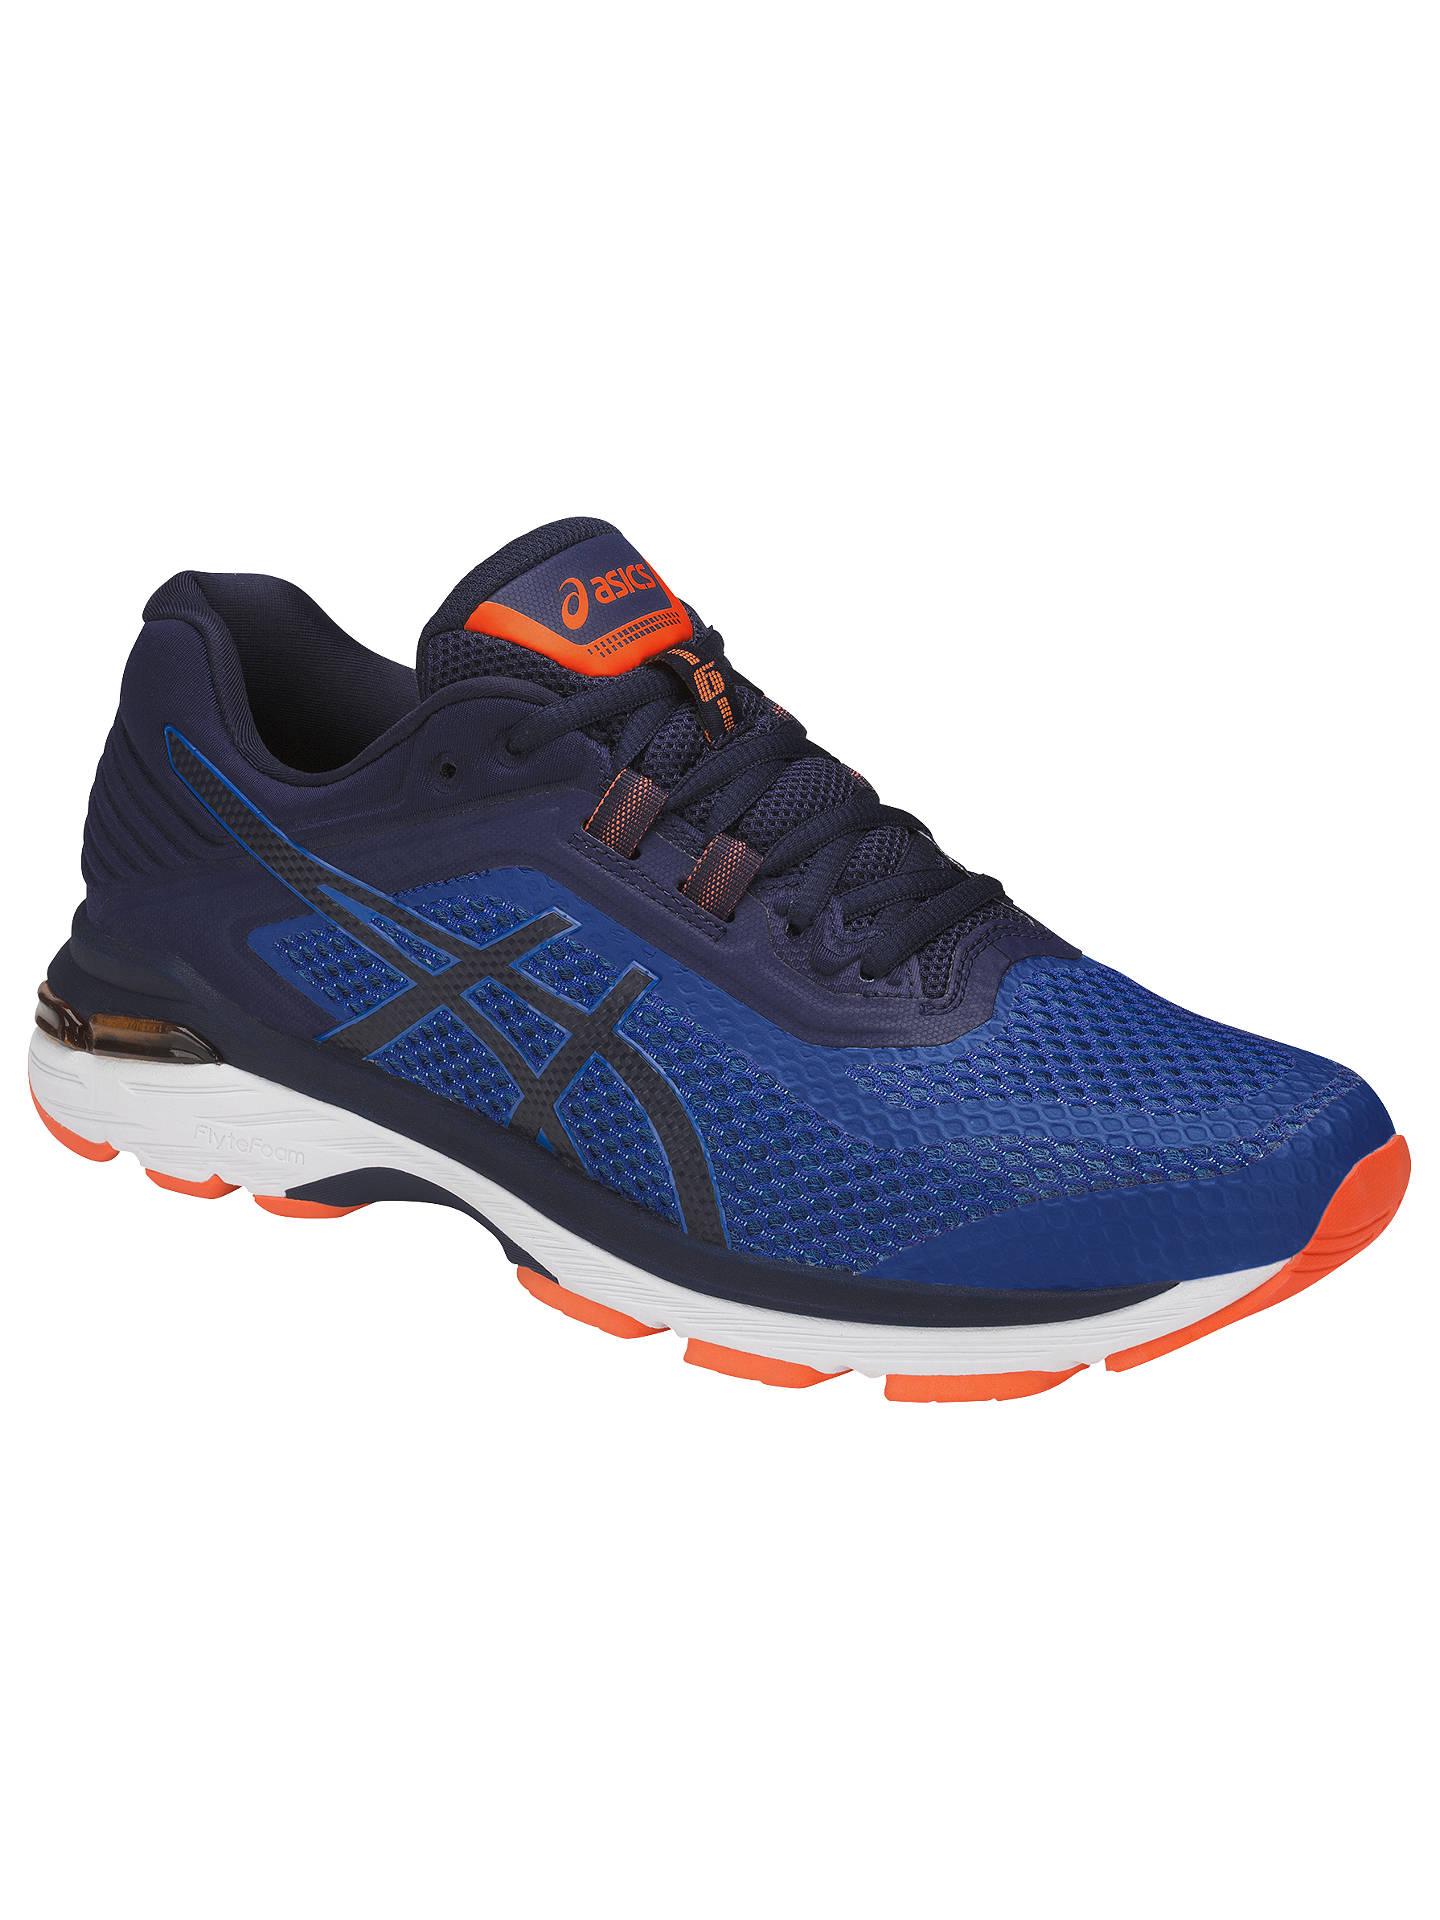 9c1d9194 Asics GT-2000 6 Men's Running Shoes, Smoke Blue at John Lewis & Partners